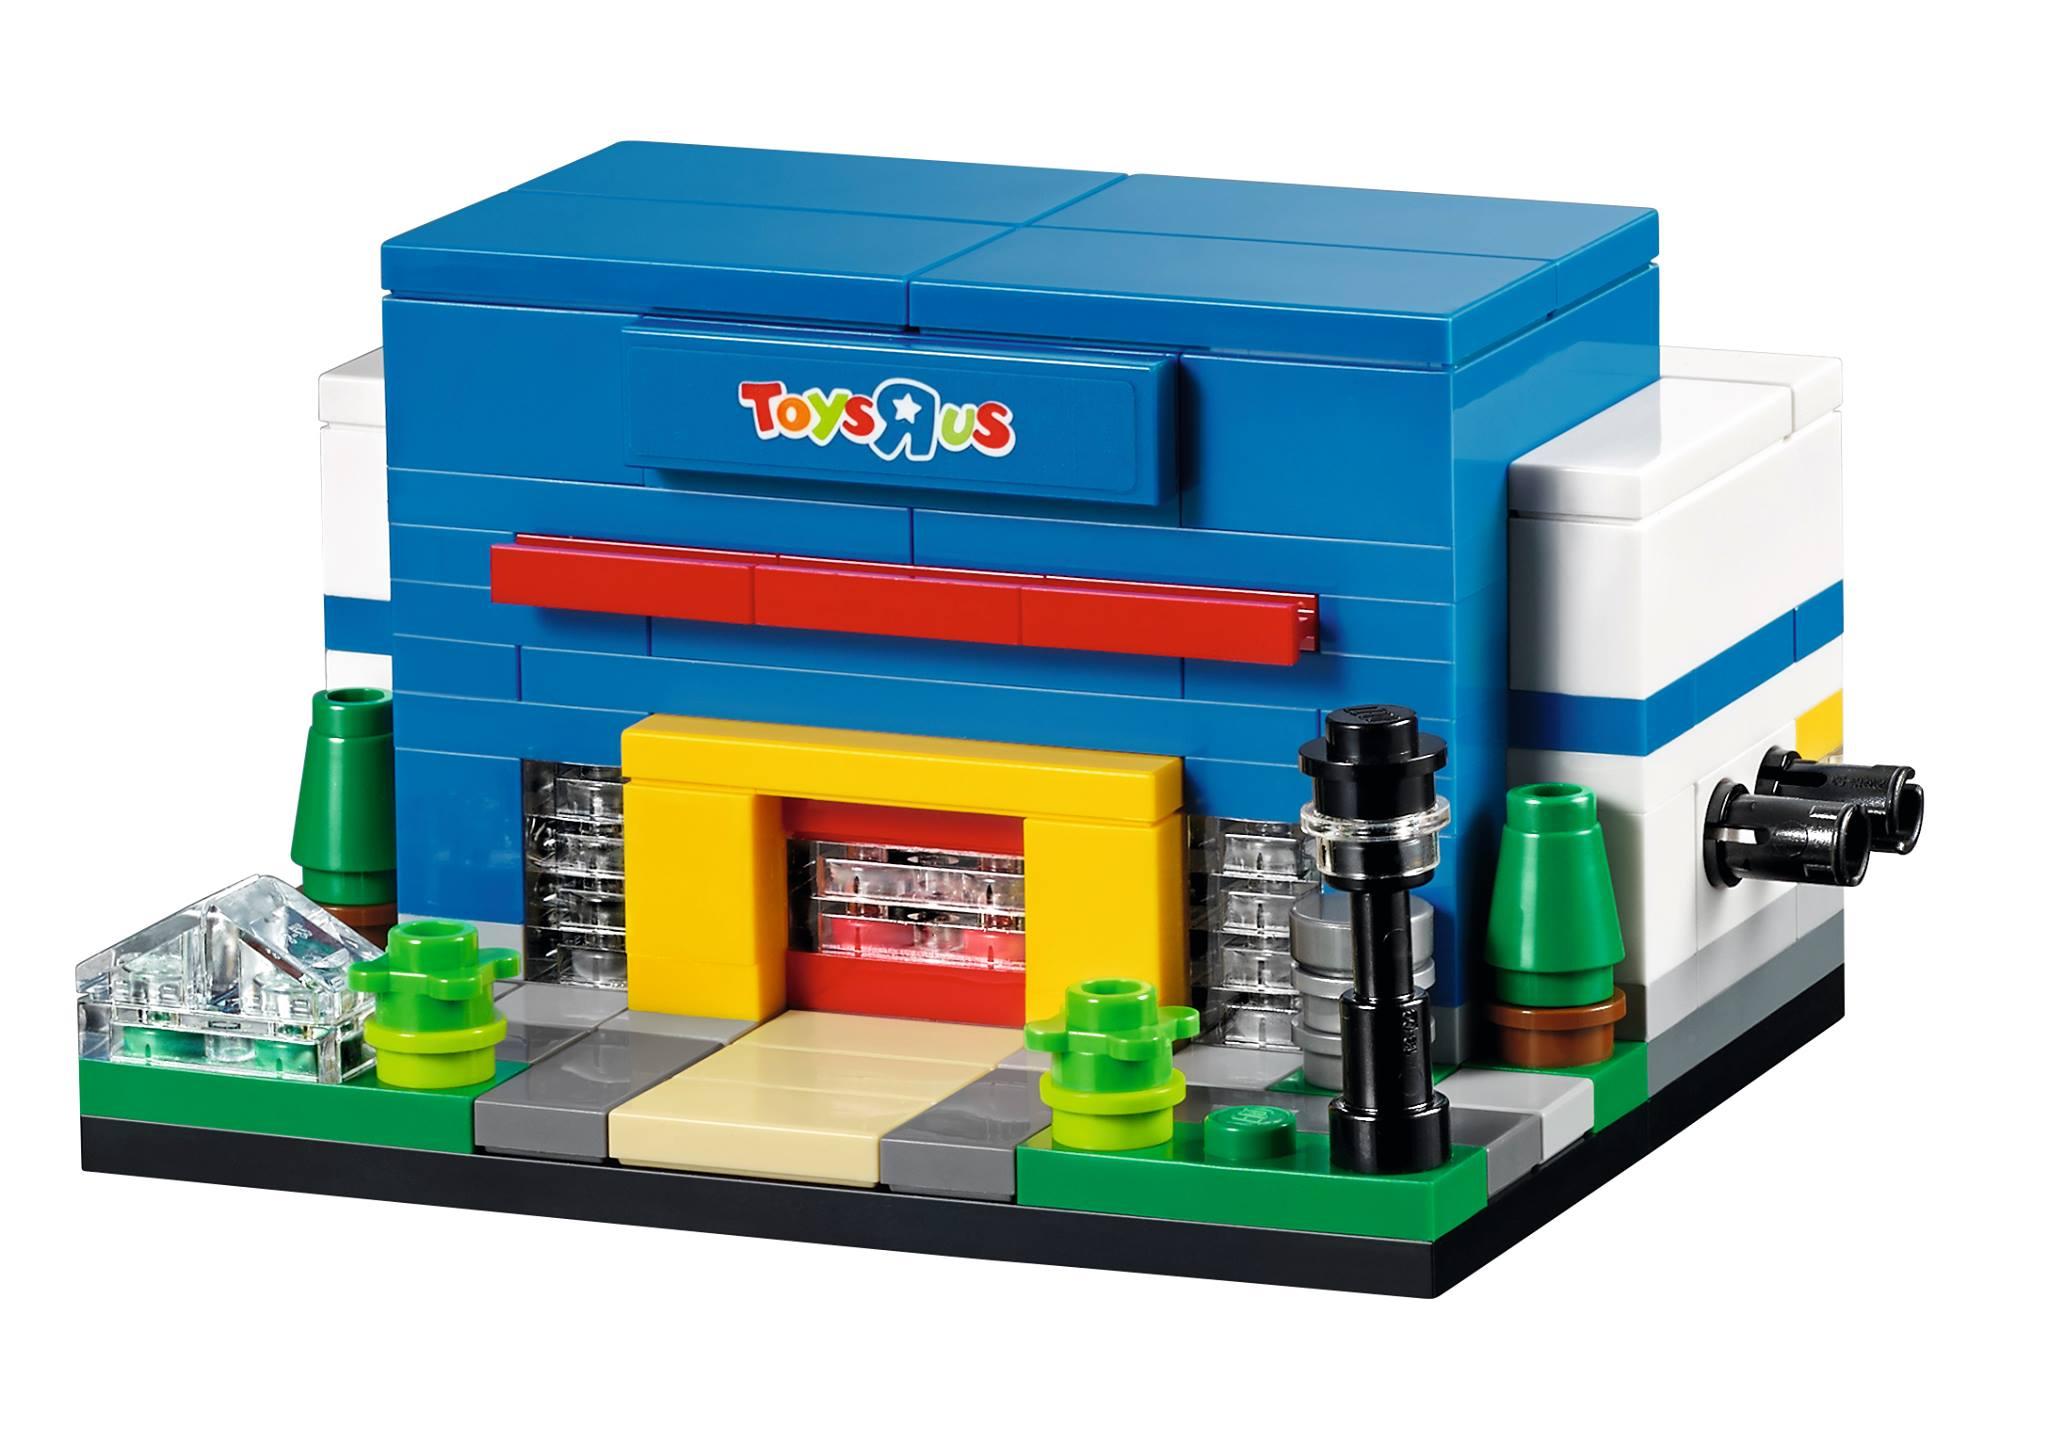 Lego Bricktober 2015 Toys R Us ...  sc 1 st  Listitdallas & Toys R Us Lego Storage - Listitdallas